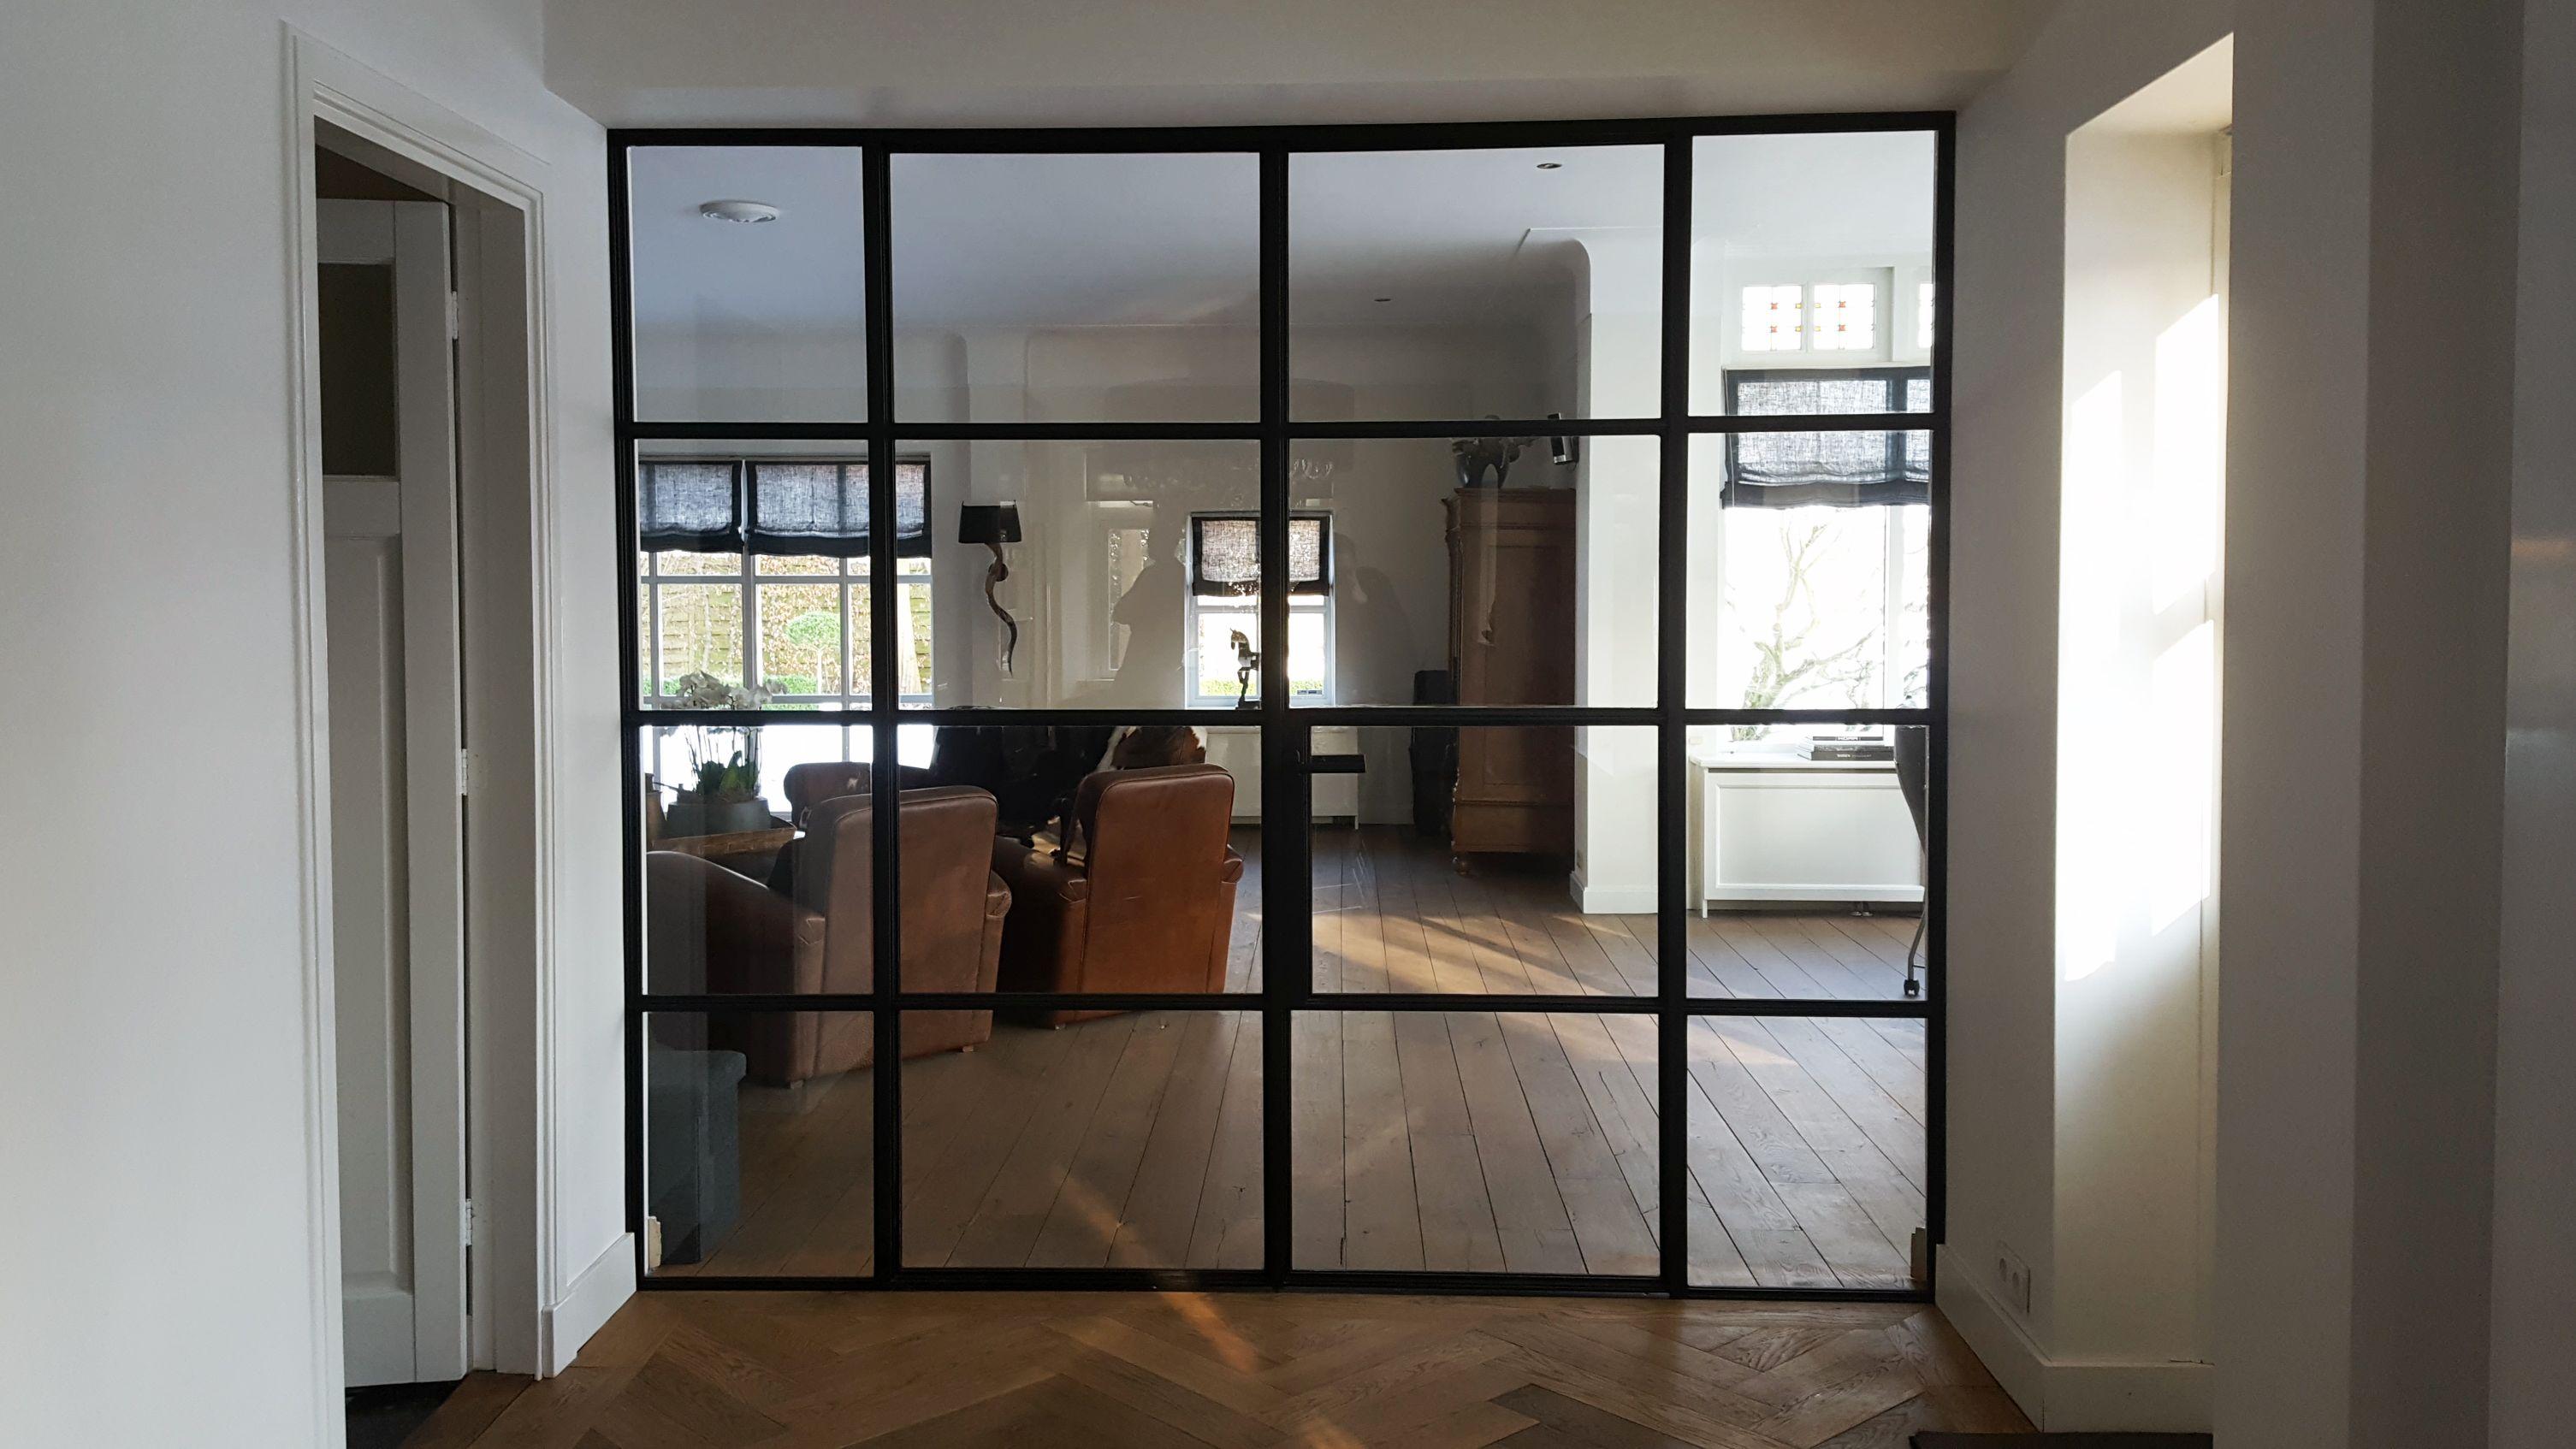 Mooie afscheiding tussen woonkamer en keuken met deze stalen deuren ...